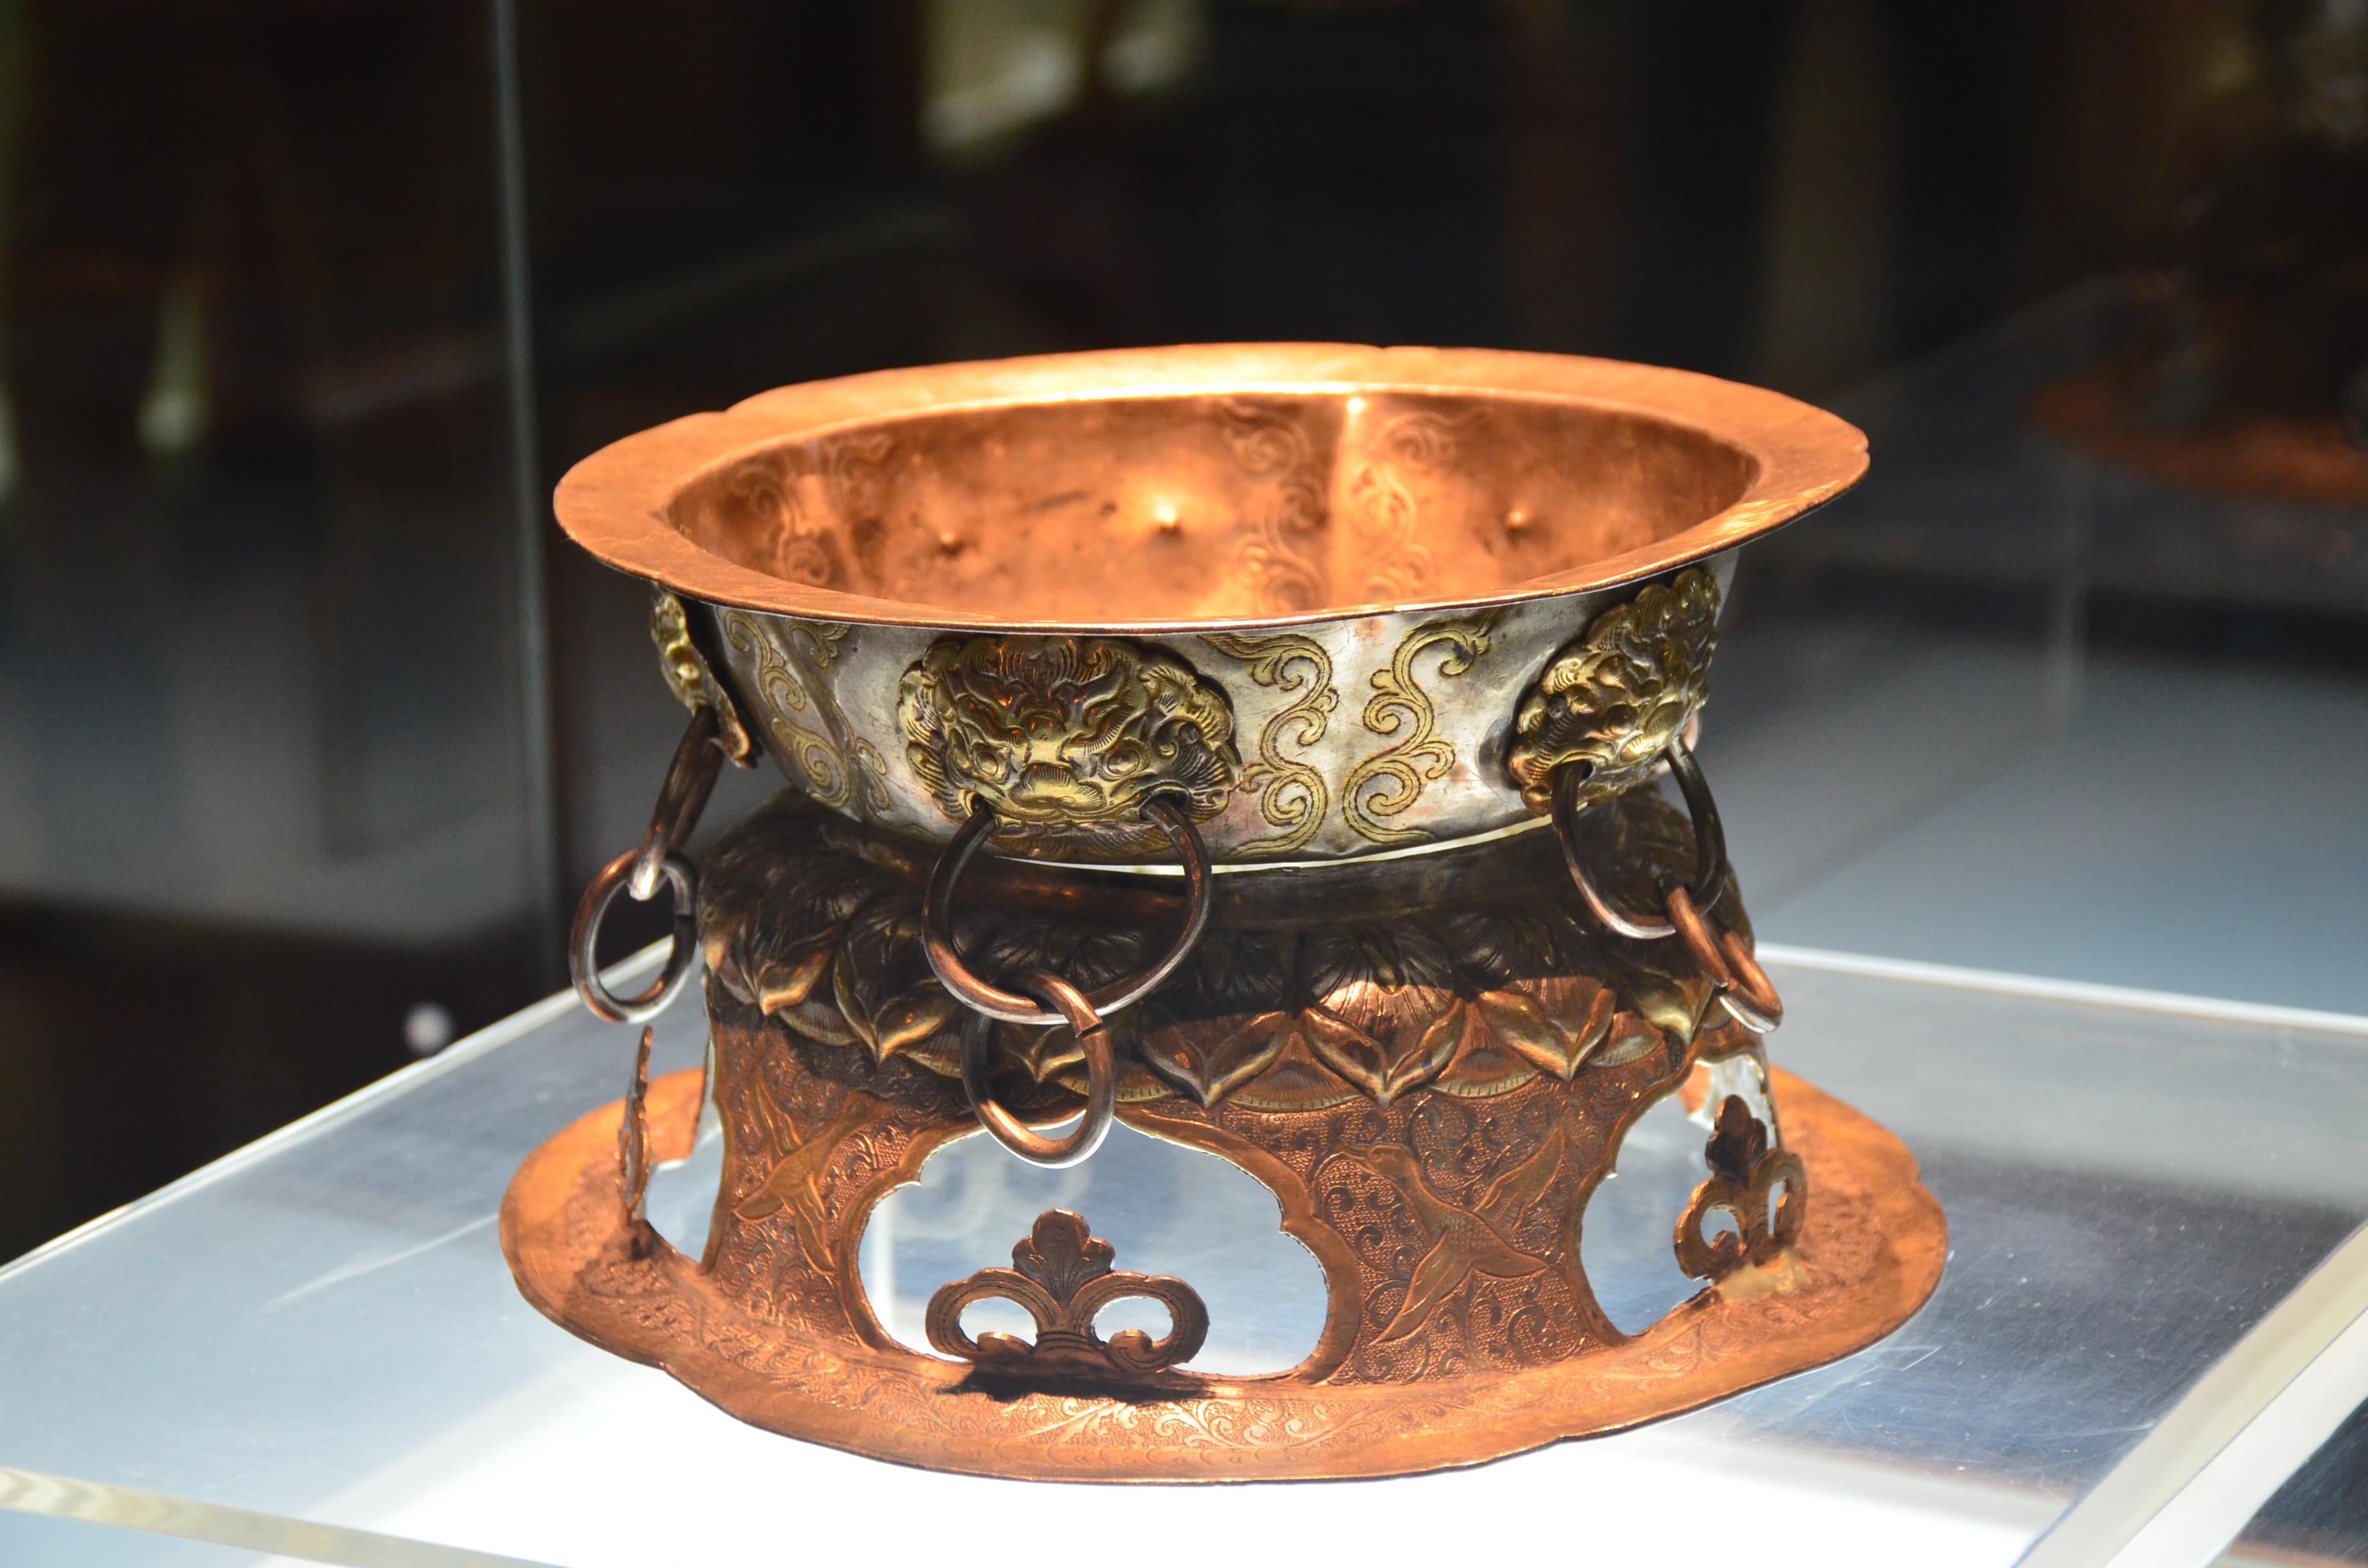 陕西博物馆内我们惊讶于馆内文物的精美,虽然科学的发展不断滚滚向前